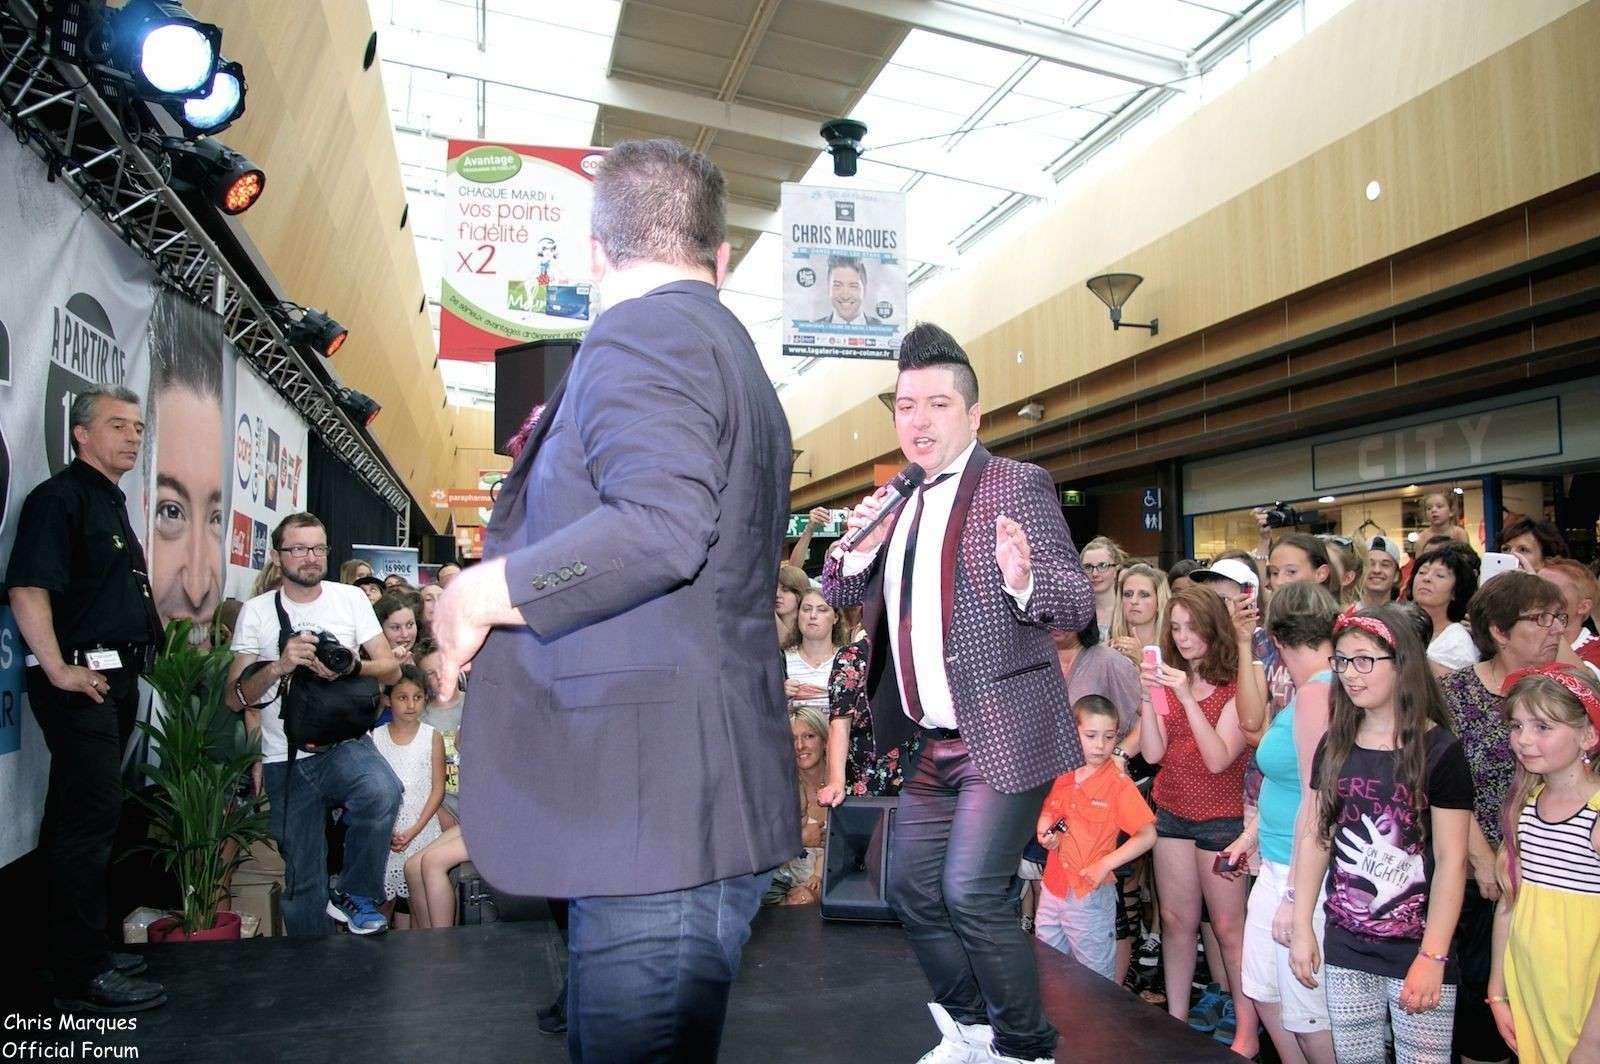 [14.06.2014] Evénement à #Colmar Chris Marques et Jaclyn Spencer pour un Flashmob/Cours de Danse/Dédicaces exceptionnels le tout organisé par la MJC de Colmar 10311